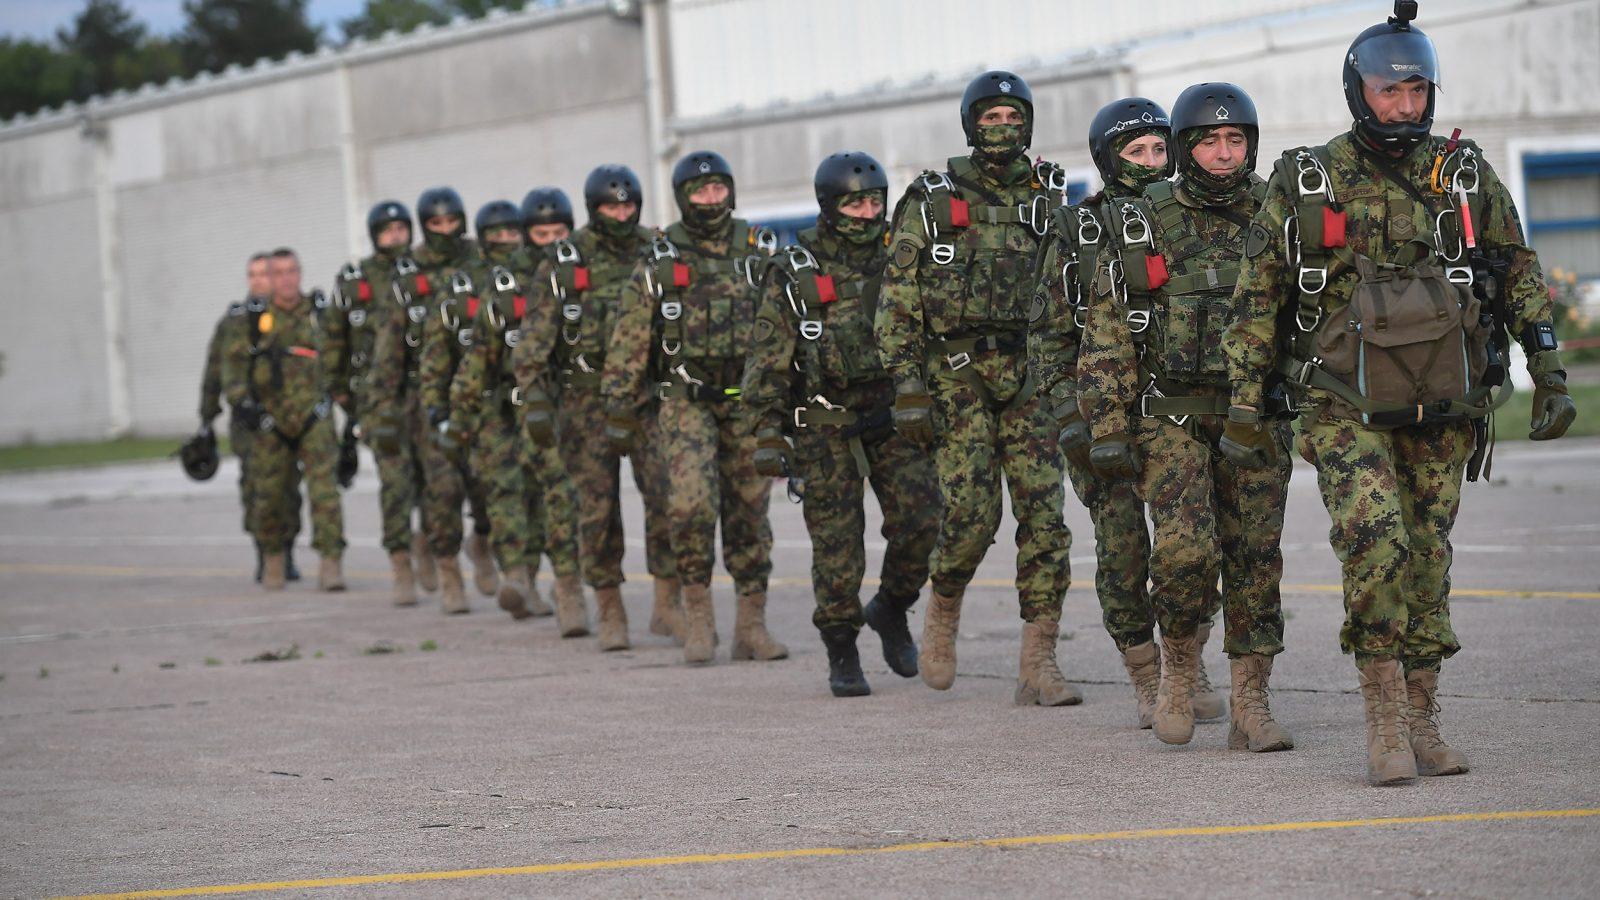 [VIDEO] Padobranci 63. brigade sinoć izveli grupni skok sa preletom i ličnim naoružanjem sa 4500 metara